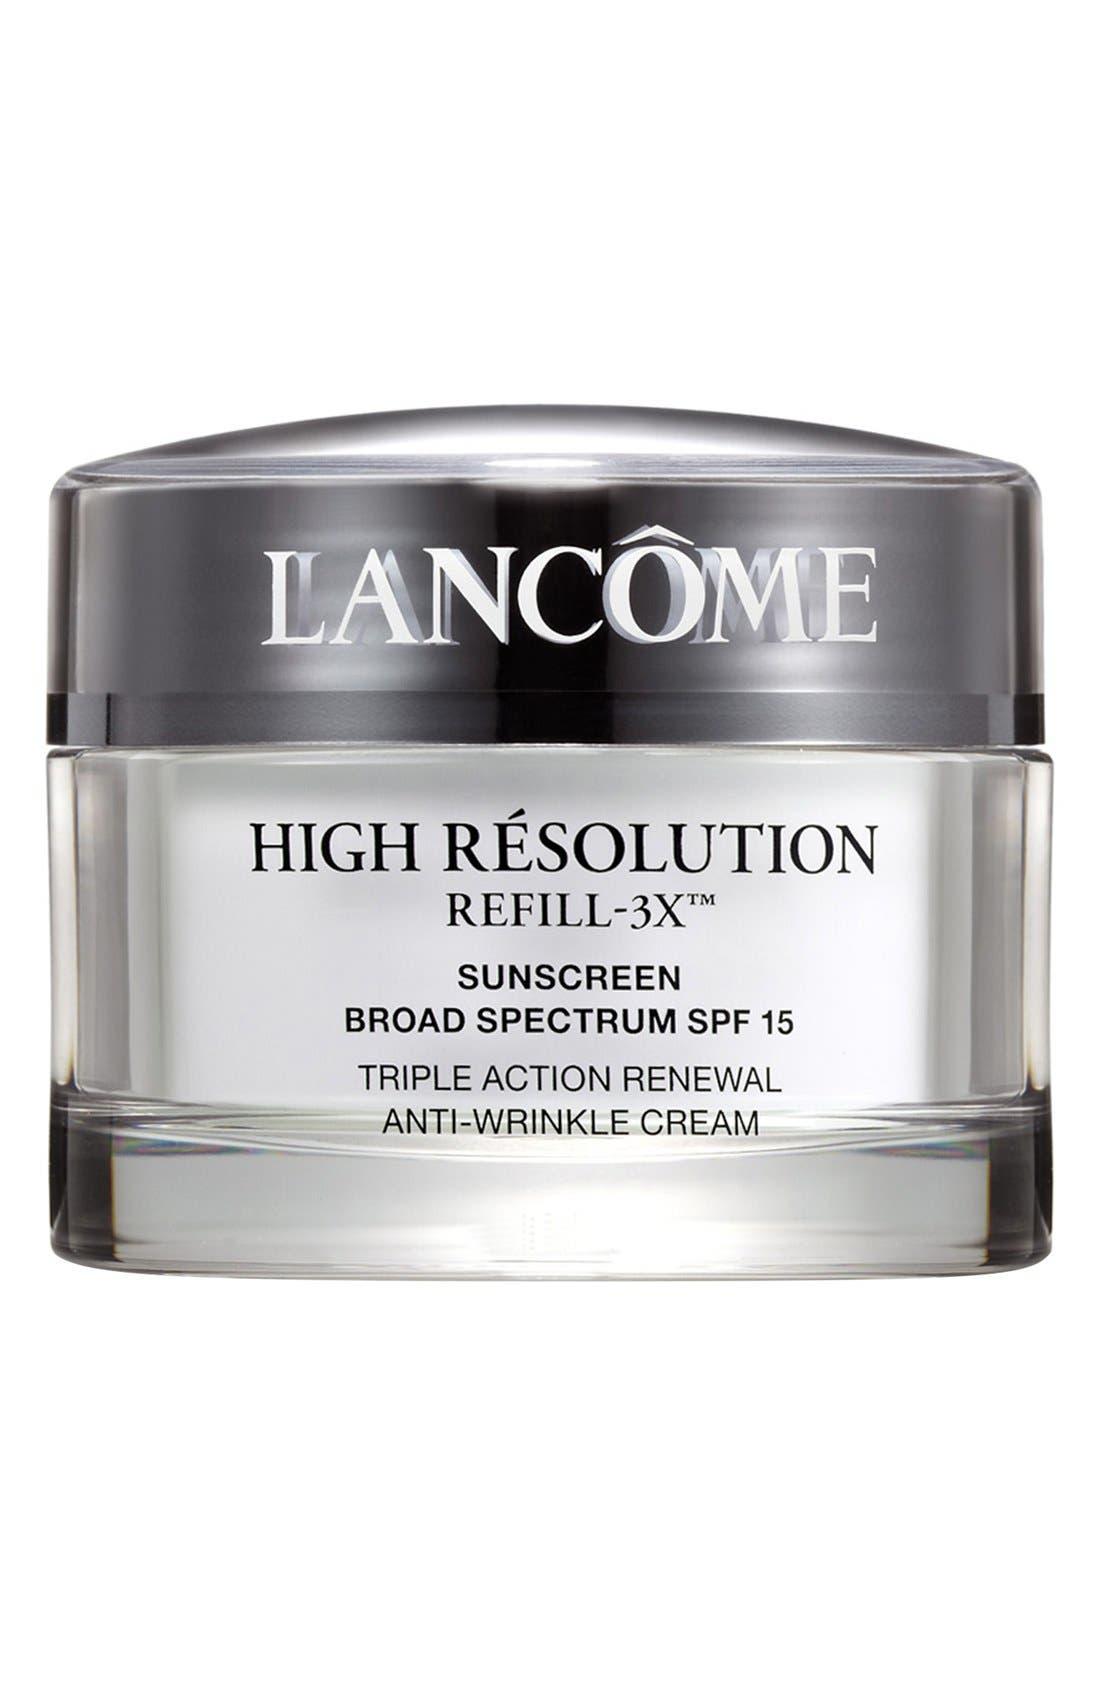 LANCÔME, High Résolution Refill-3X Anti-Wrinkle Moisturizer Cream, Main thumbnail 1, color, NO COLOR